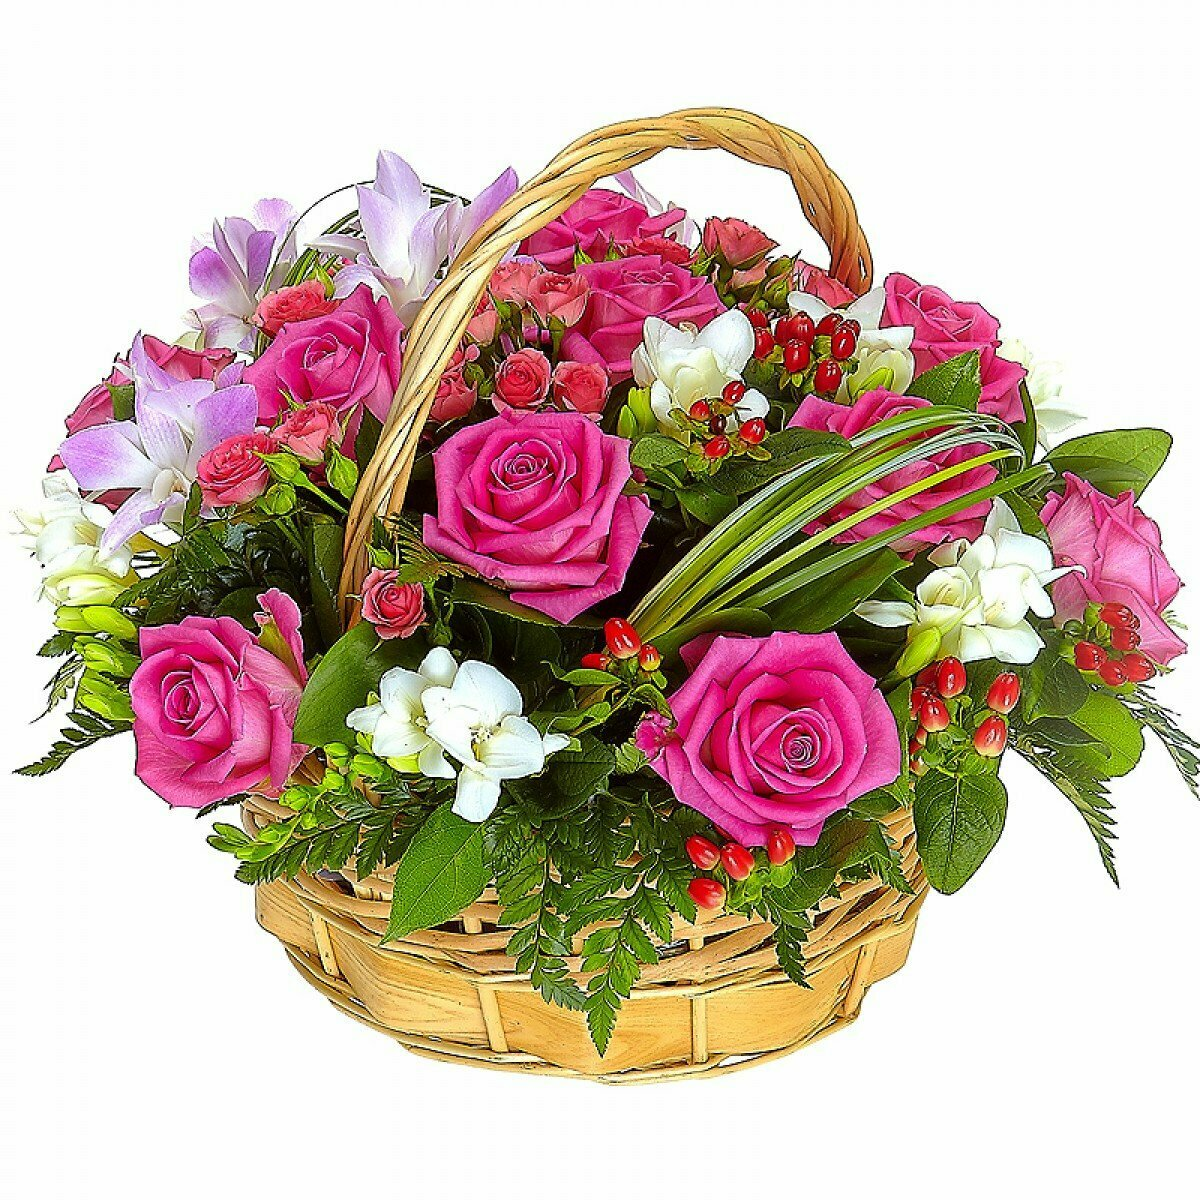 Цветы и поздравляю картинка